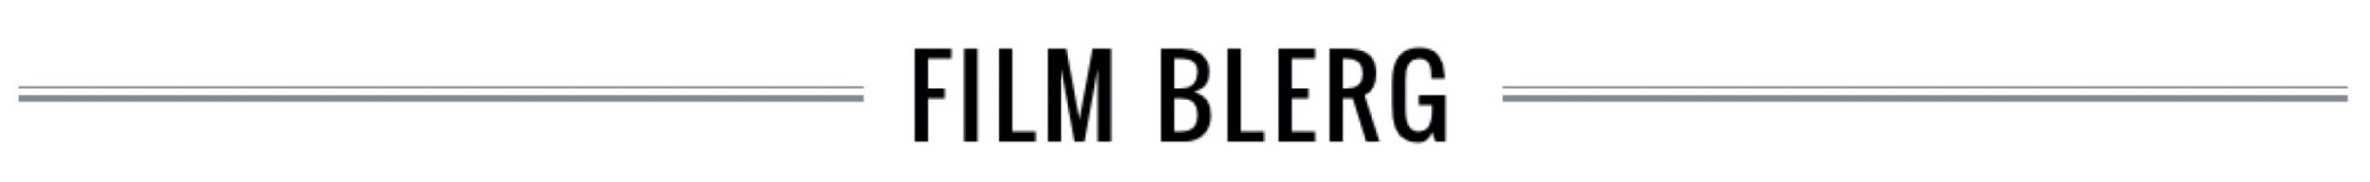 Film Blerg logo